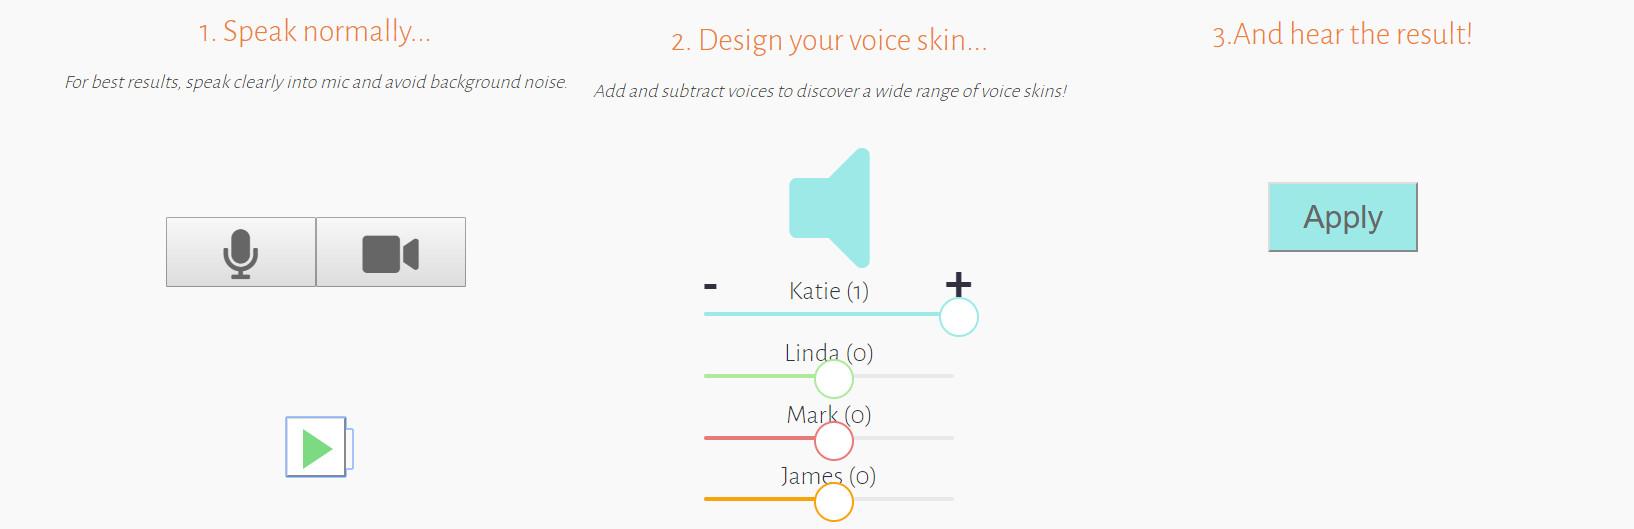 modulate ai 2 - Chuyển giọng nói bằng công cụ tận dụng Machine Learning